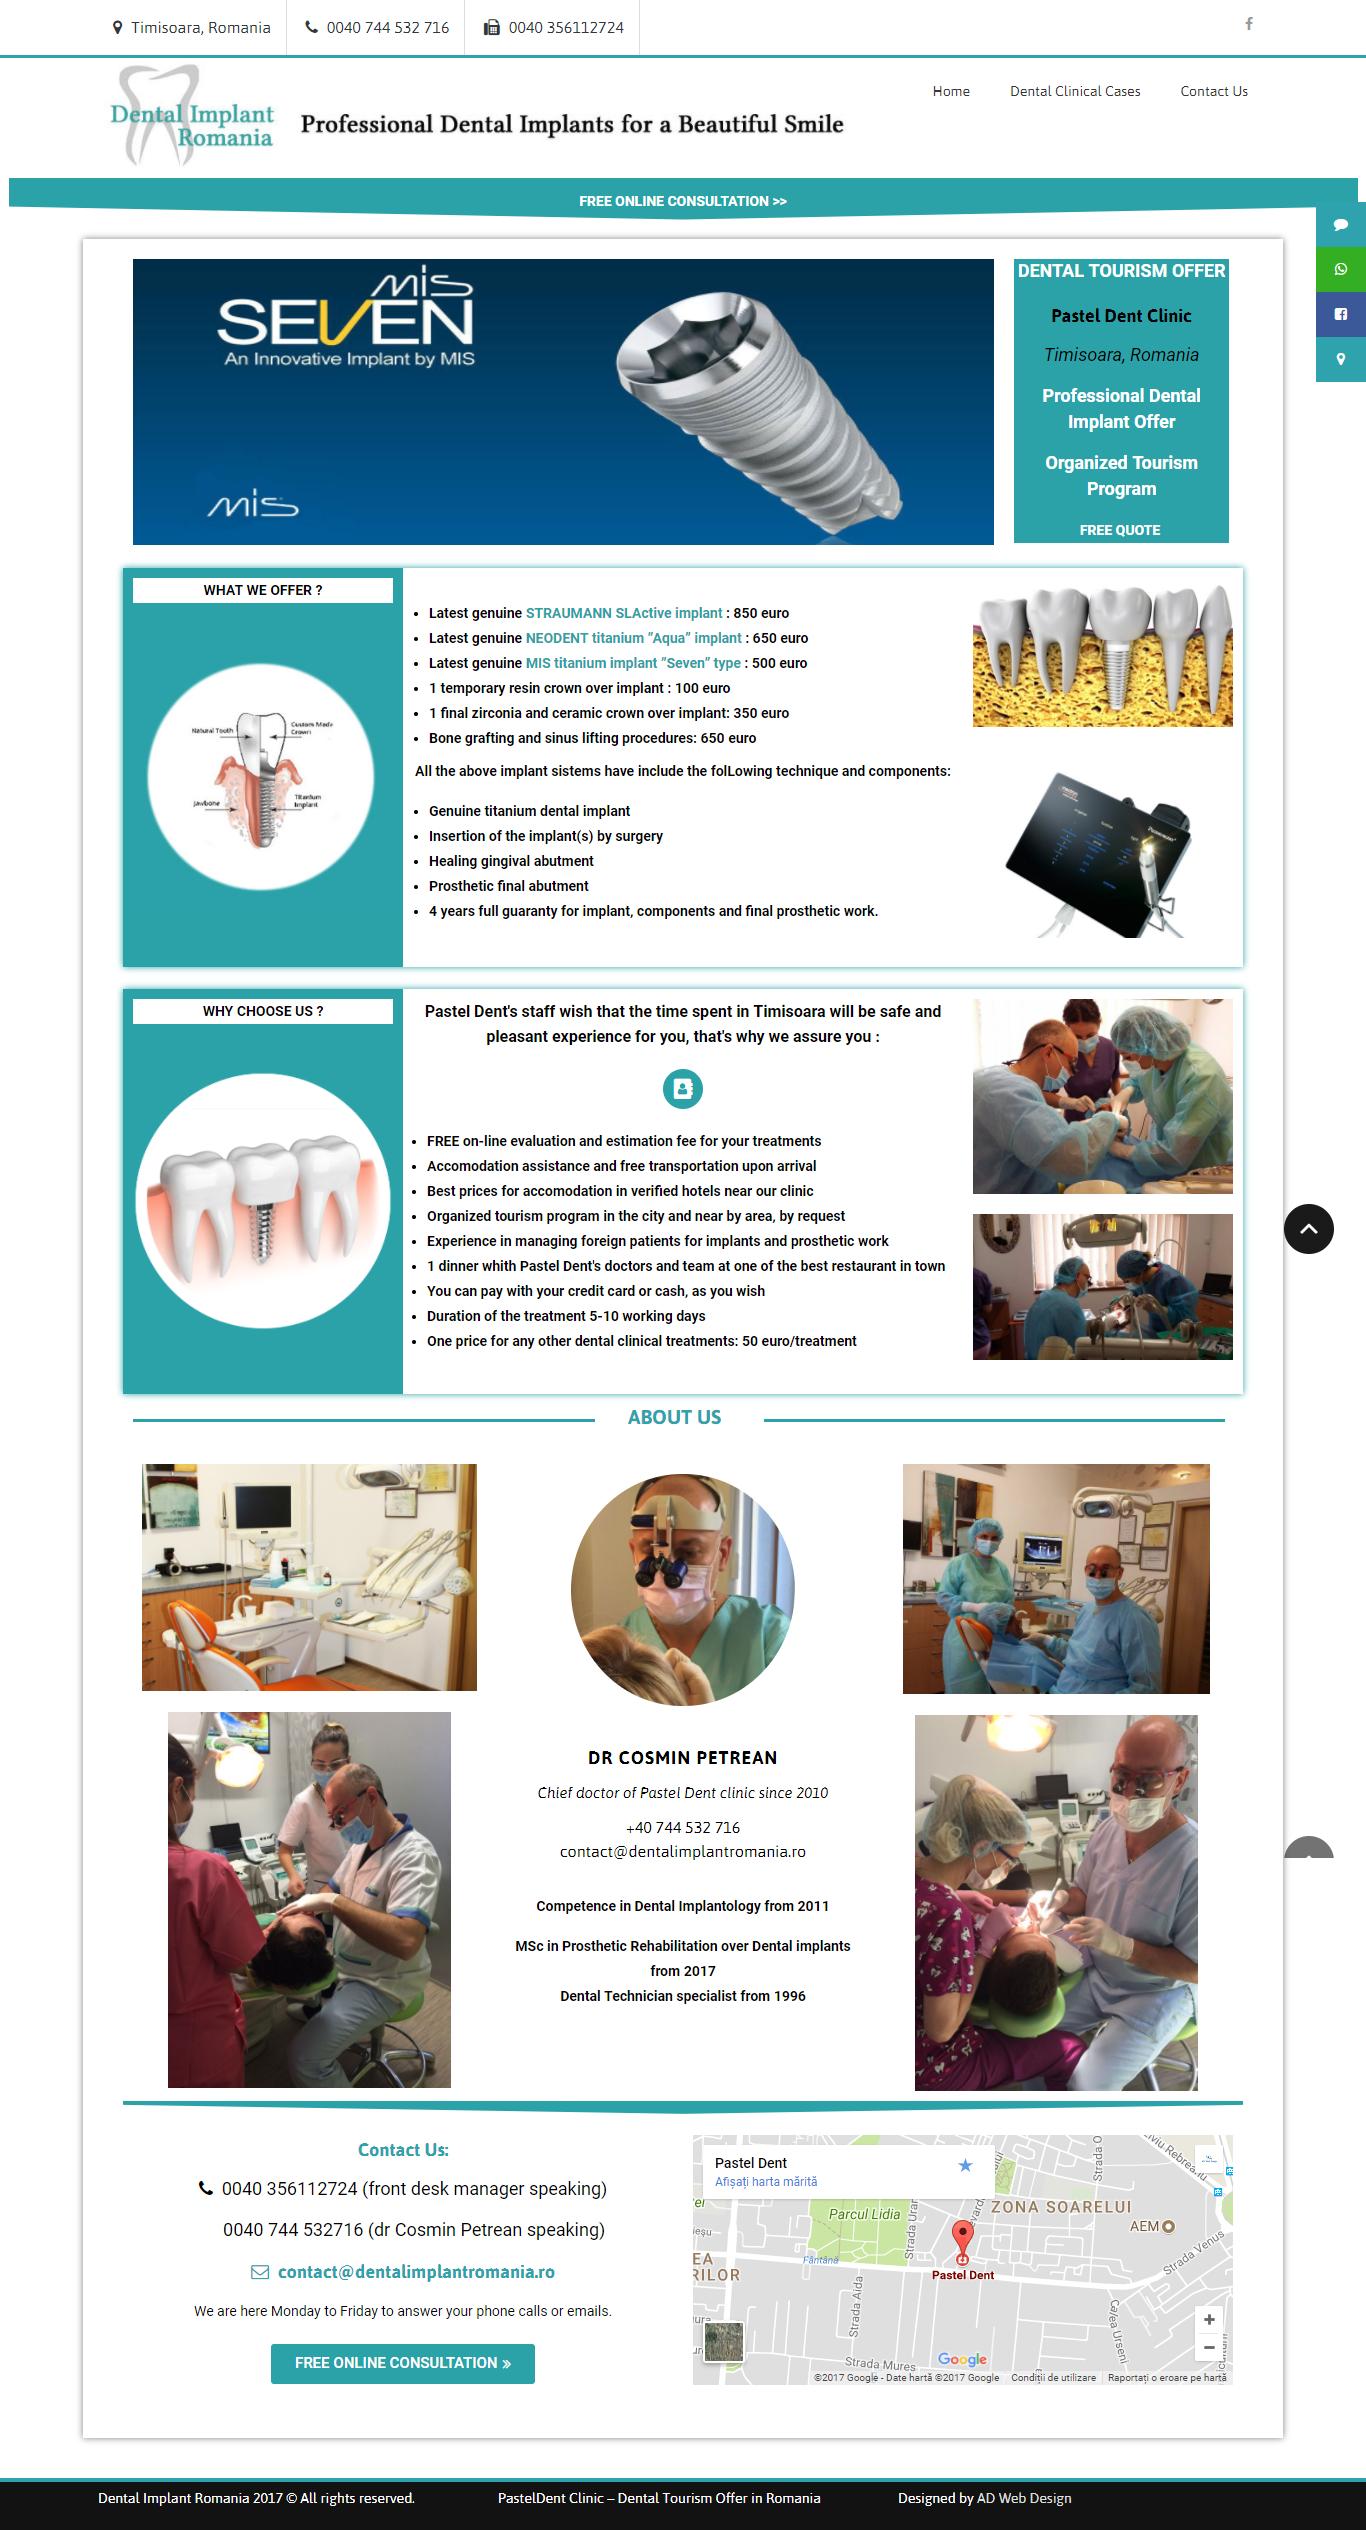 Dental Implant Romania I Dental Tourism Abr_ - http___dentalimplantromania.ro_